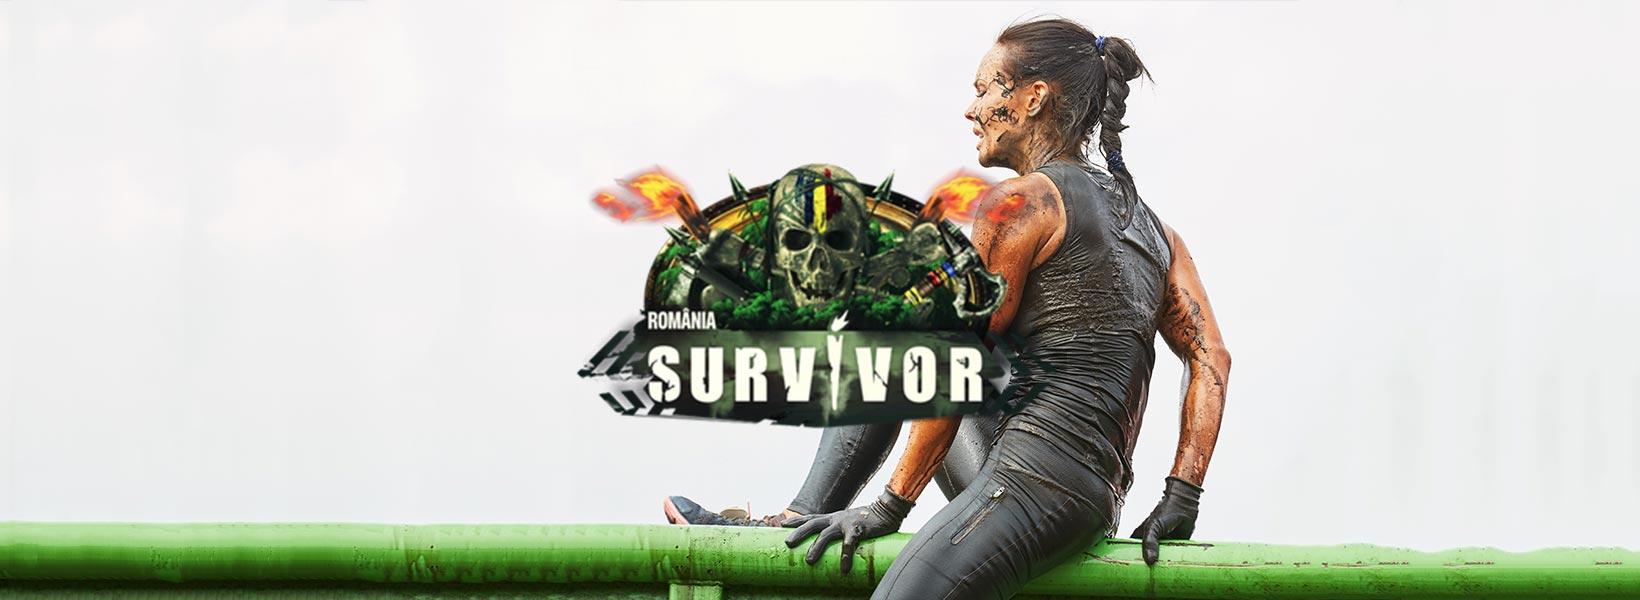 Cote Survivor România 2021